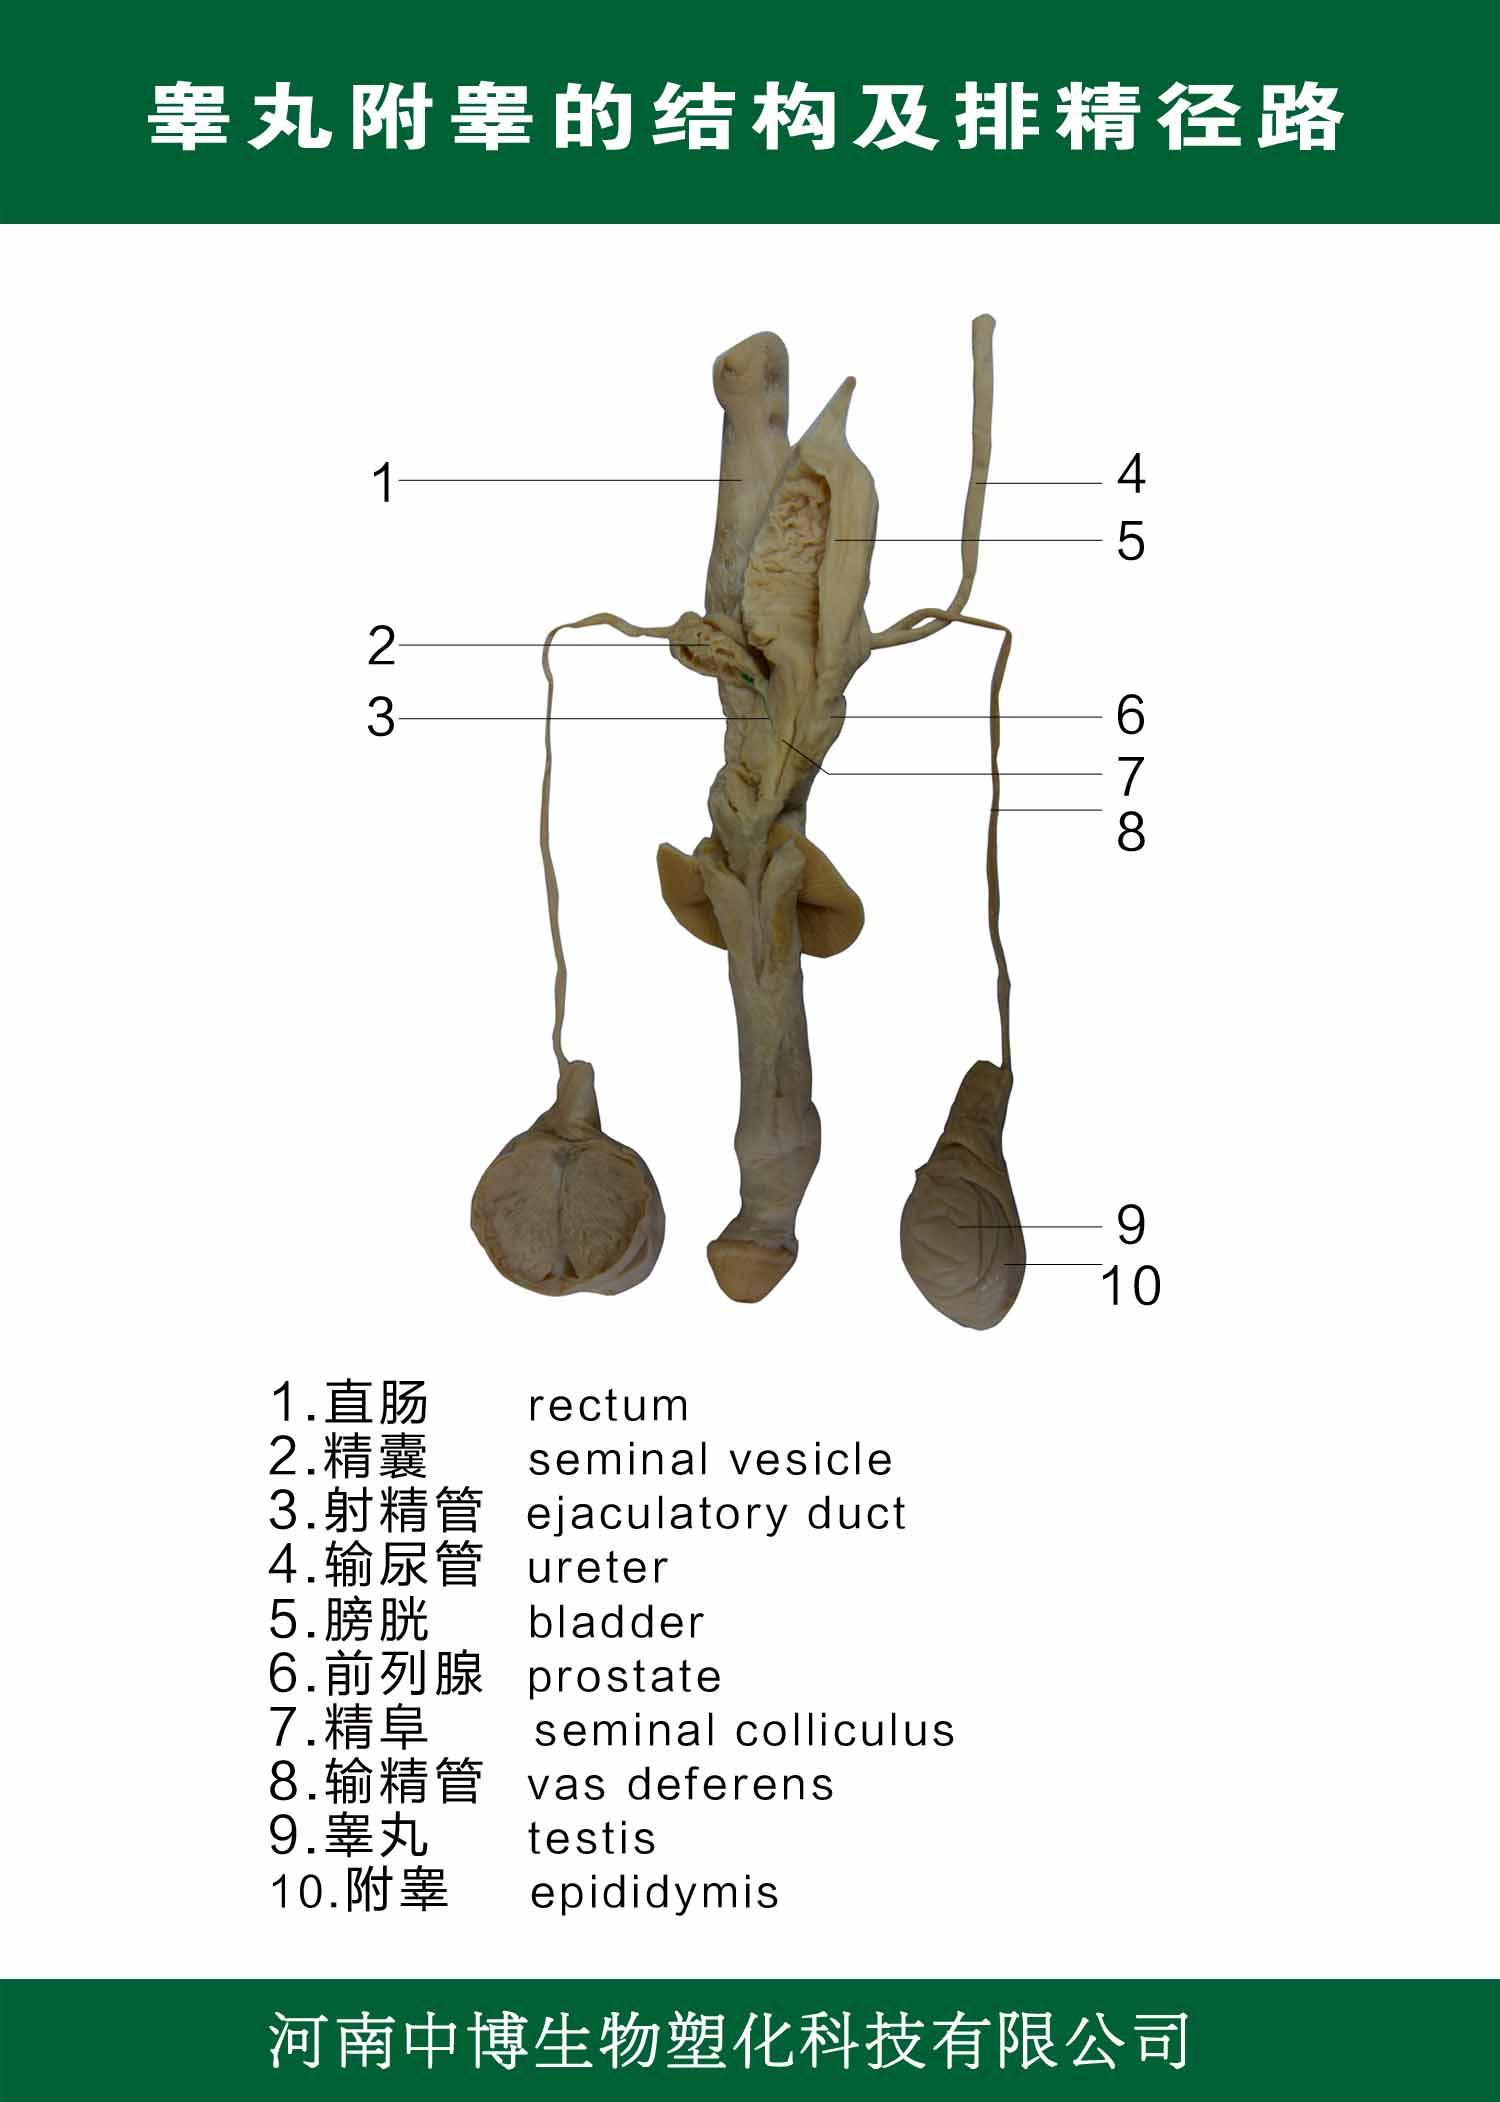 睾丸附睾的结构及排精径路